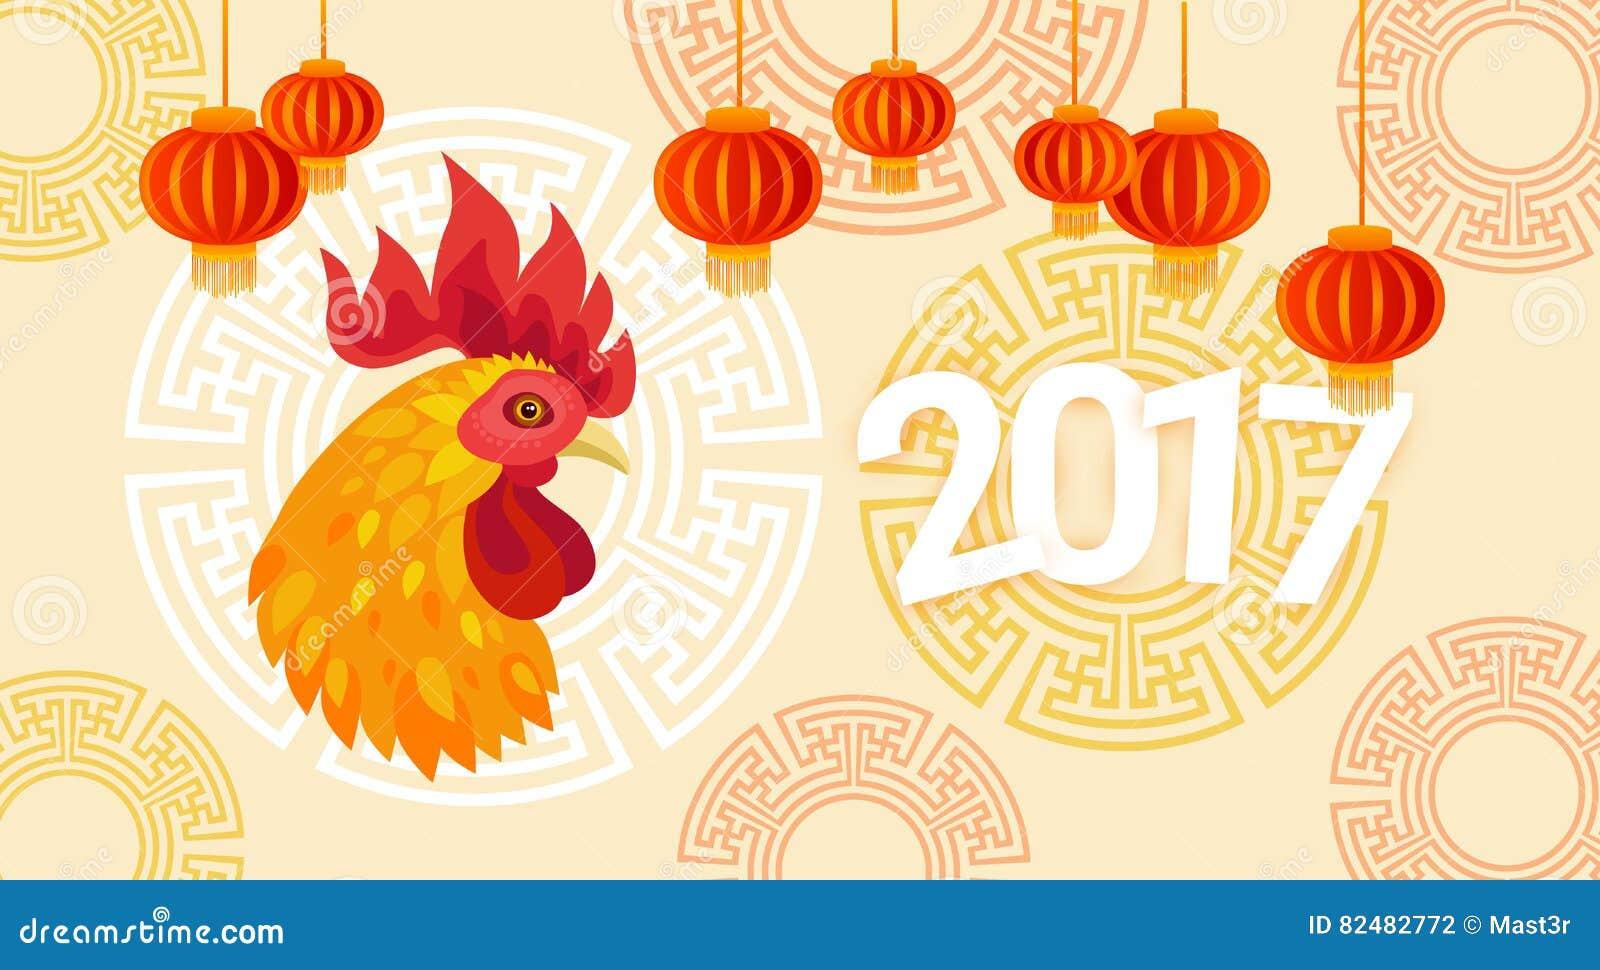 Horóscopo chino del asiático de la linterna del nuevo de 2017 años pájaro feliz del gallo